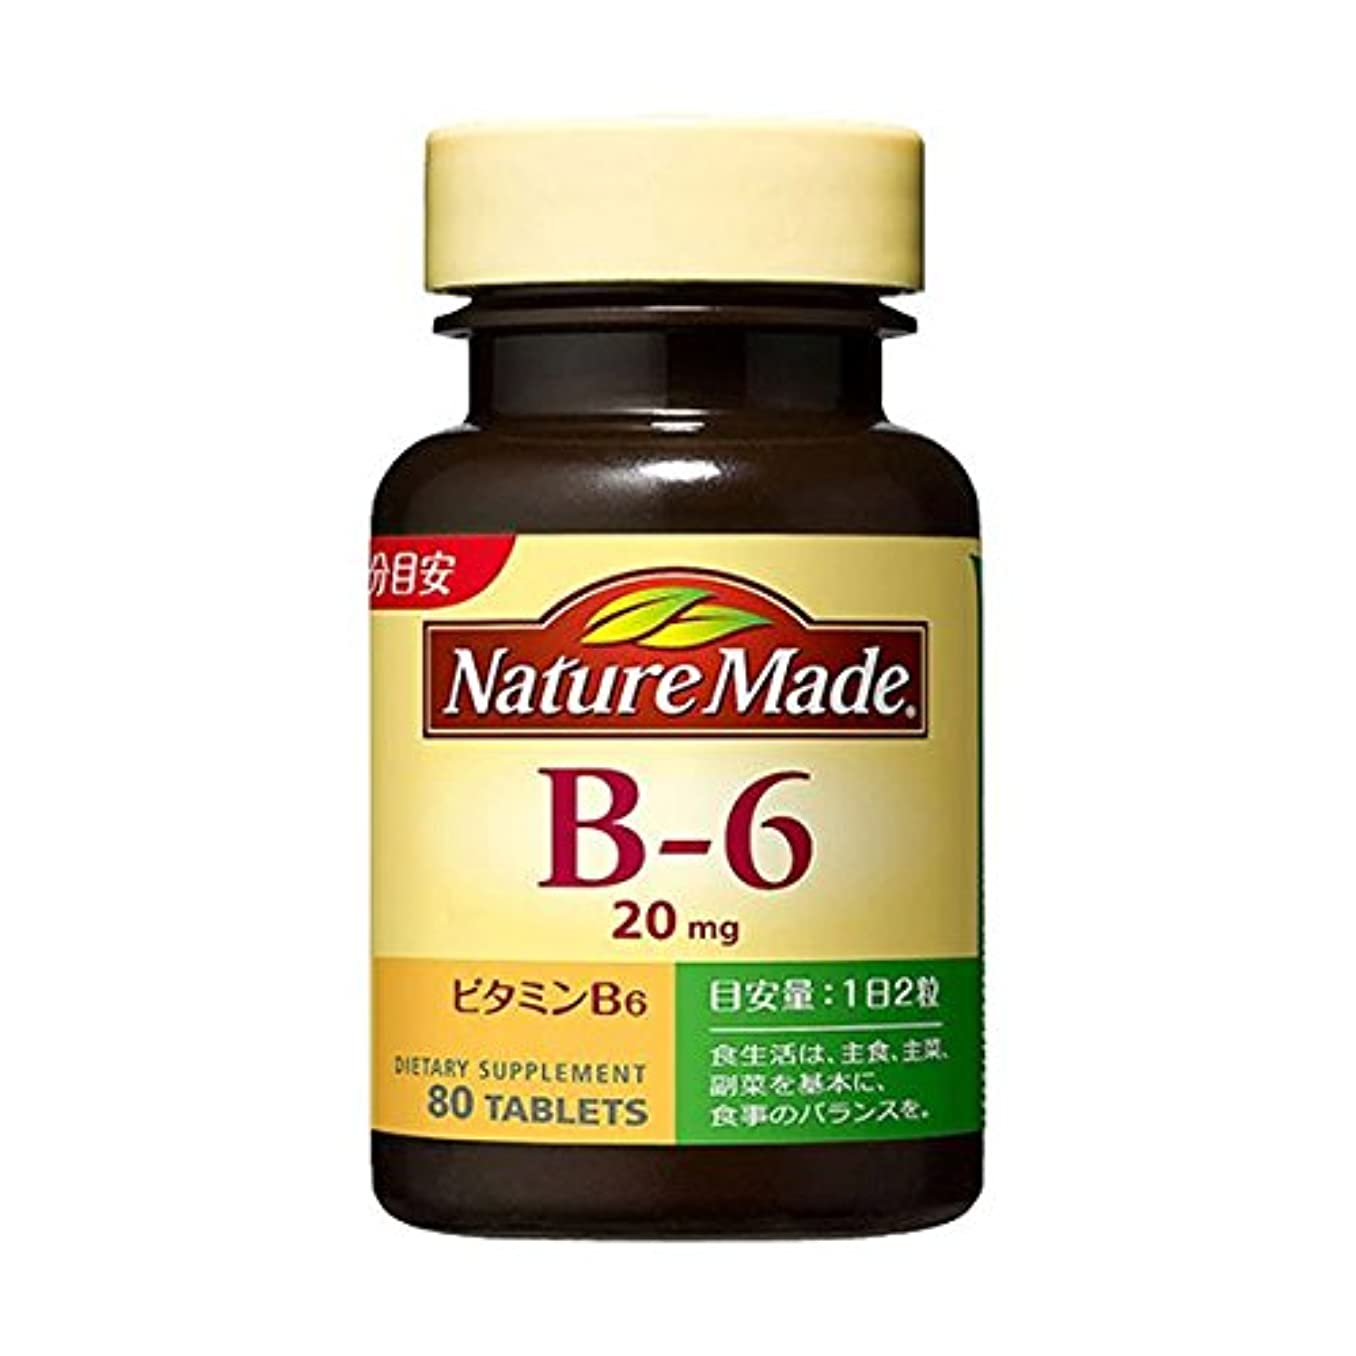 修正する割り当て活気づける大塚製薬 ネイチャーメイド ビタミンB6 80粒×3個入